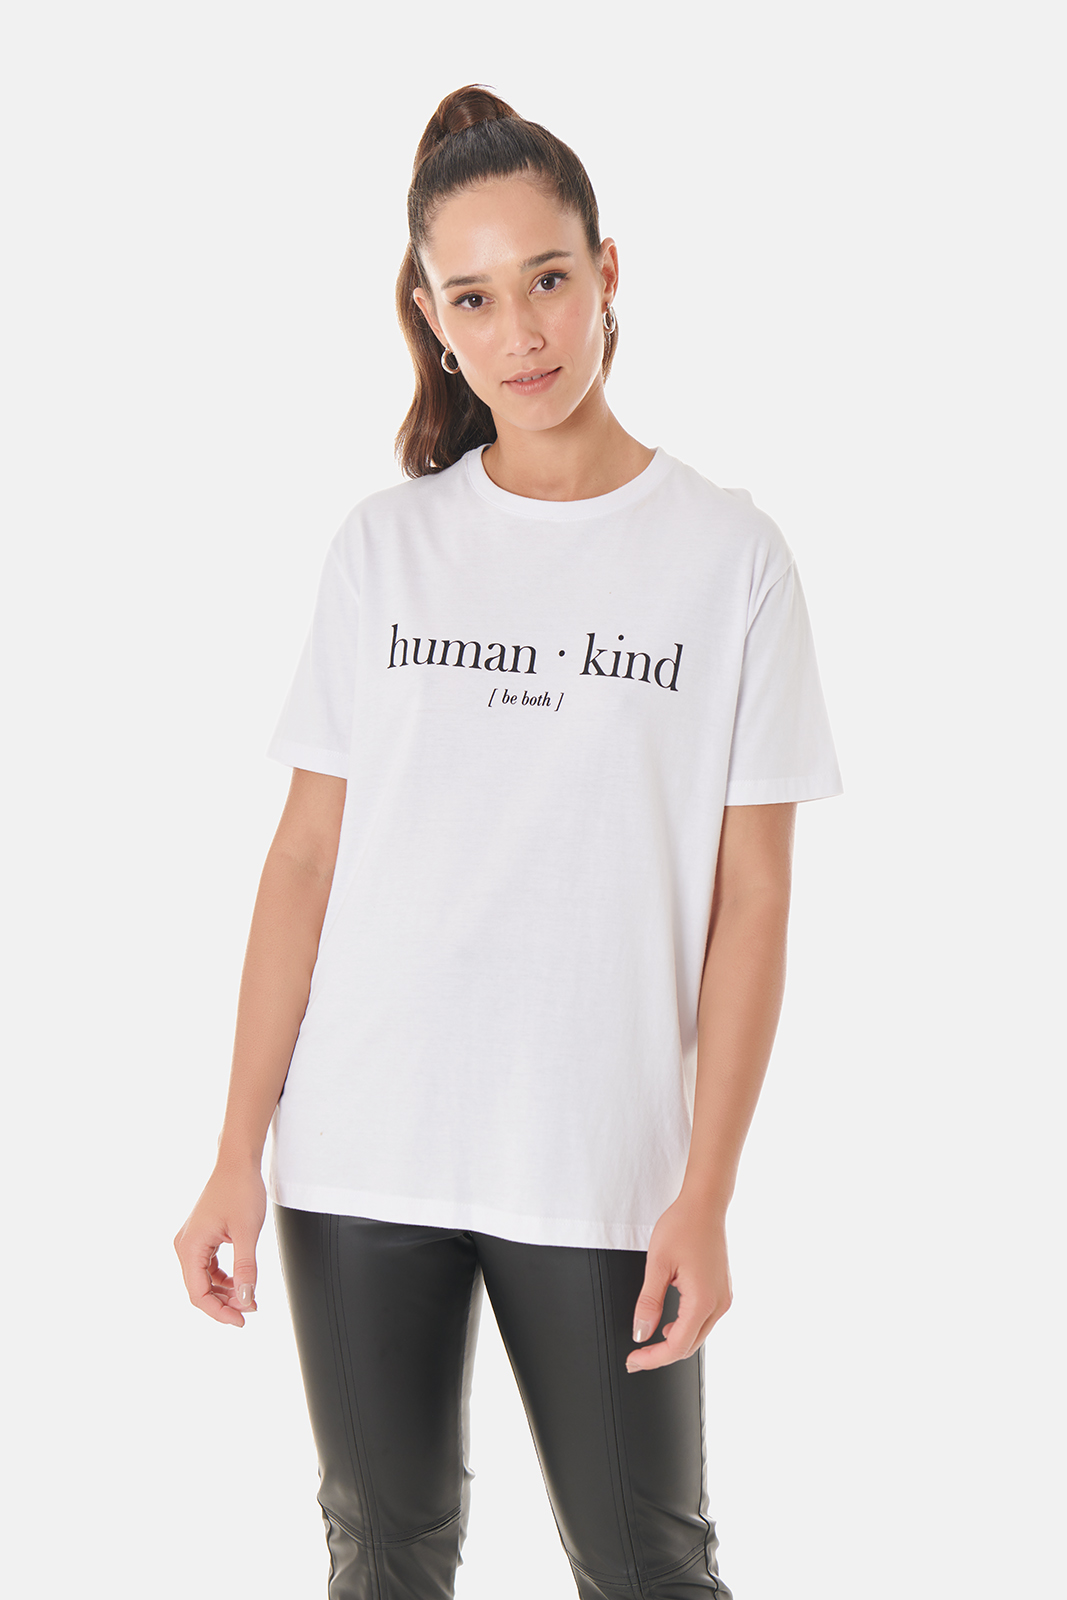 Camiseta Human Kind